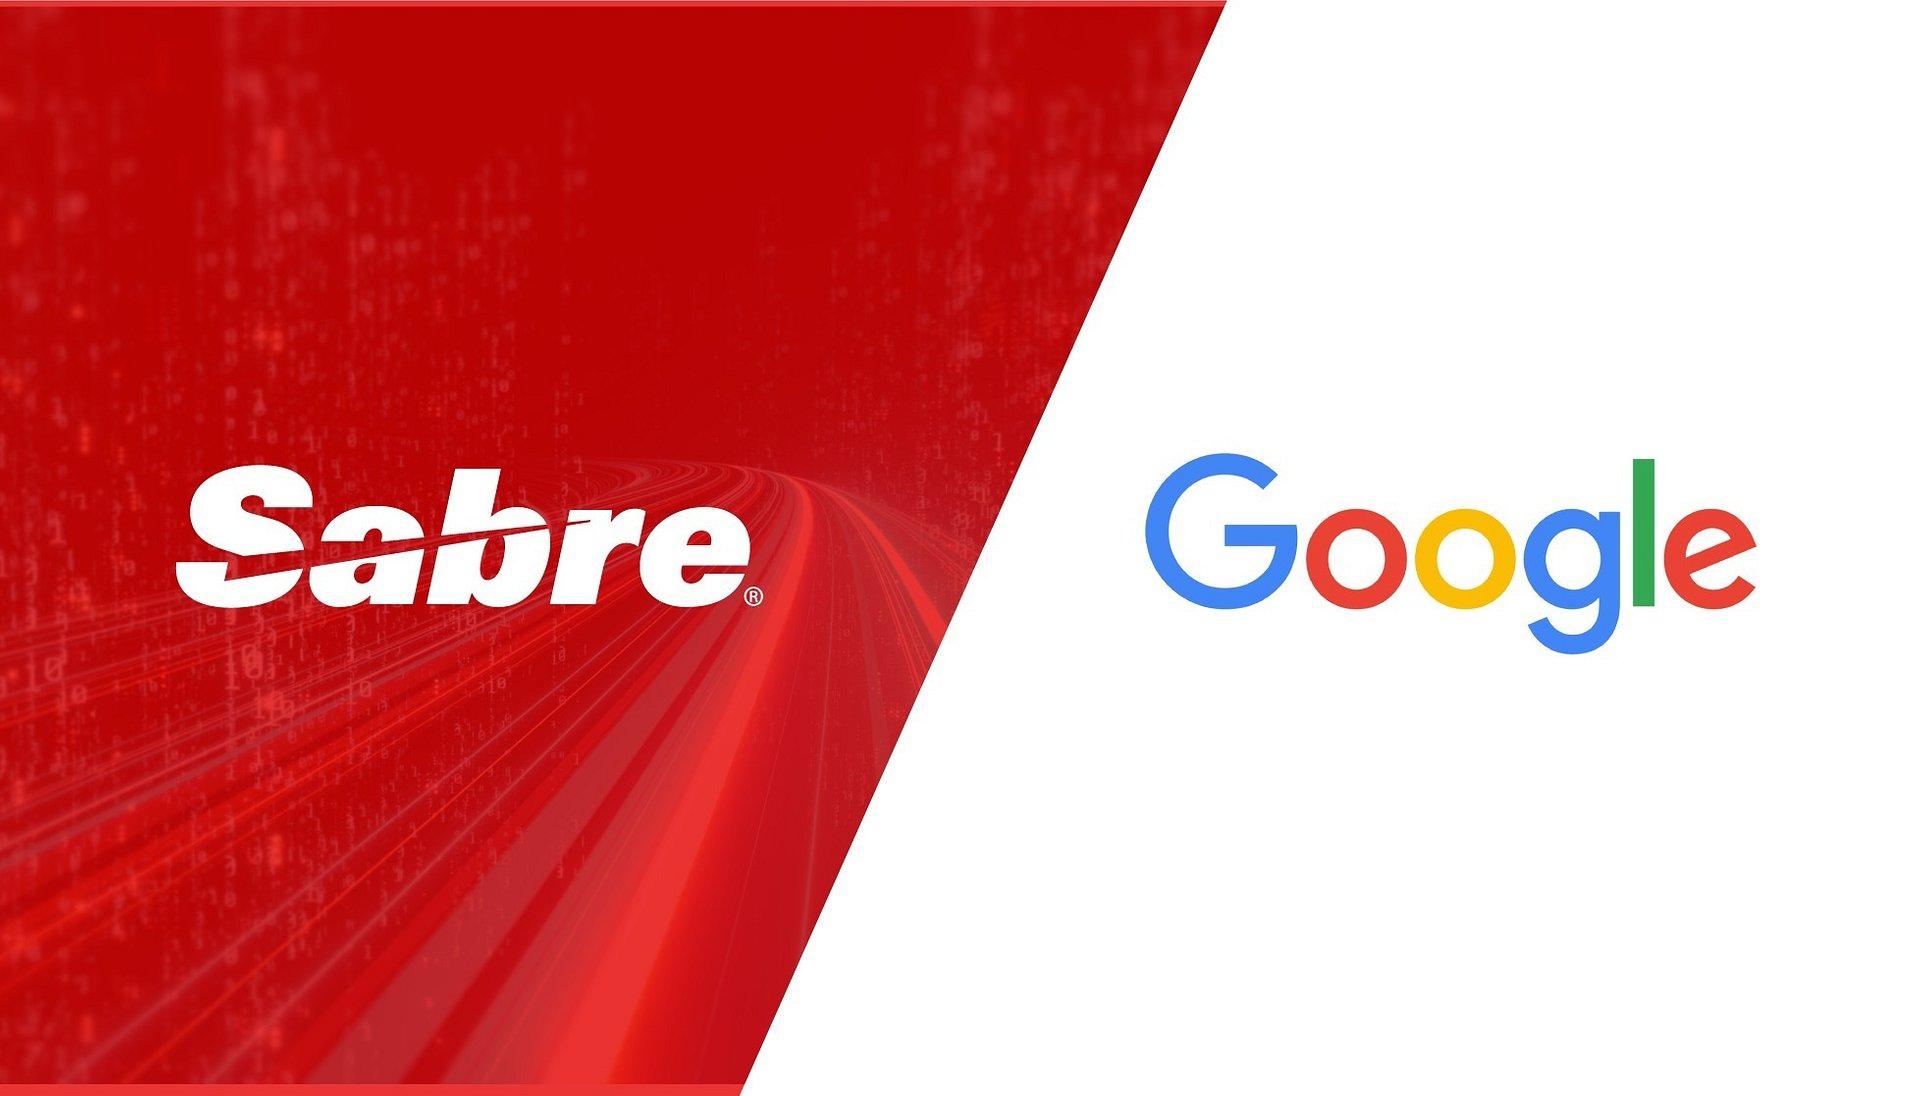 Sabre będzie budować przyszłość branży turystycznej wraz z Google. Firmy nawiązały 10-letnią współpracę